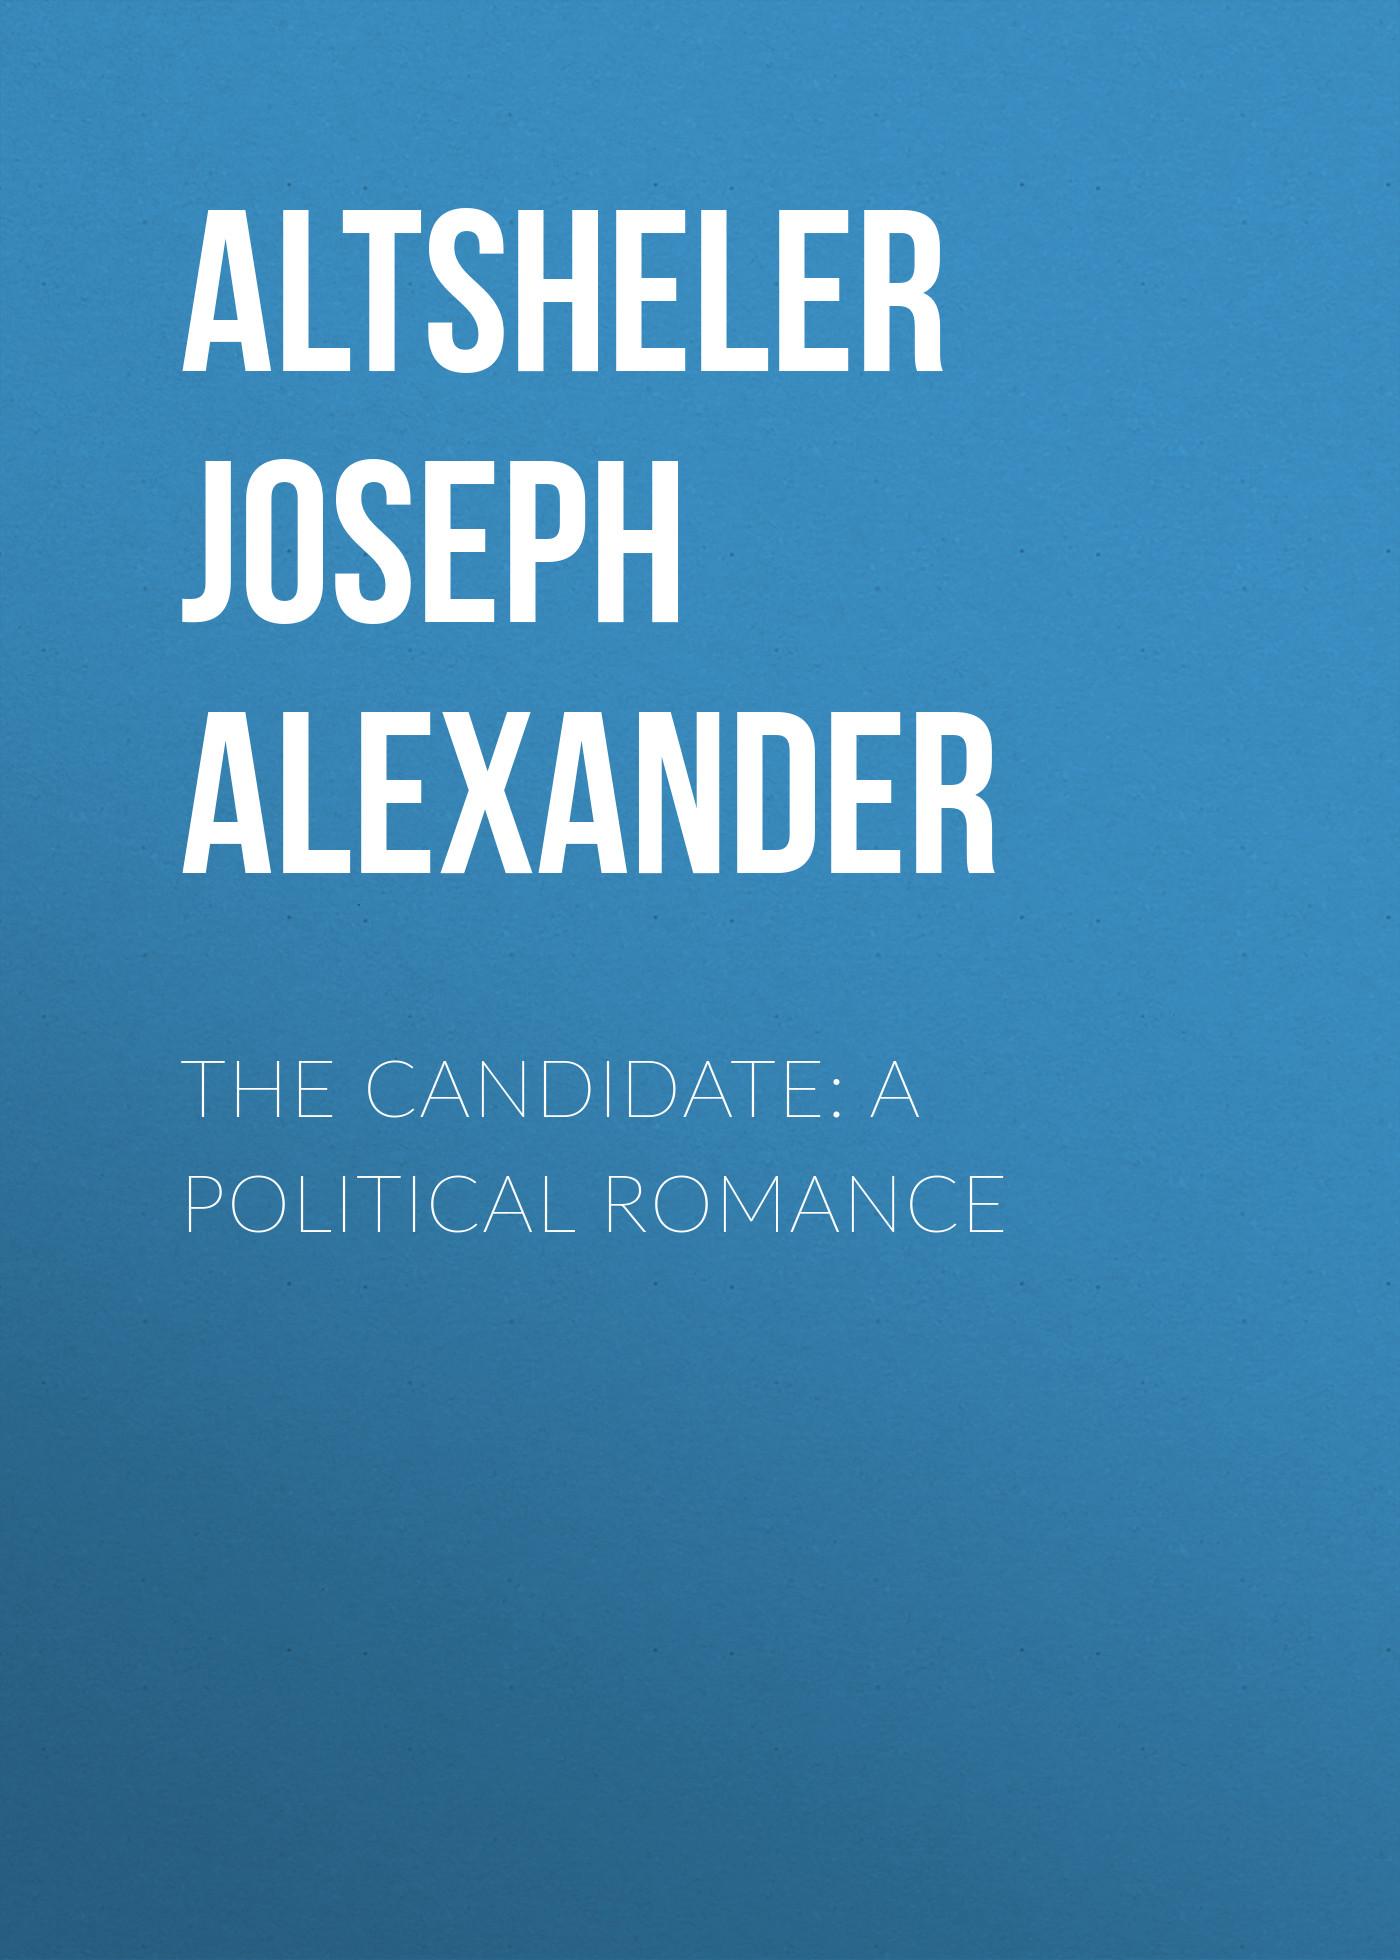 Altsheler Joseph Alexander The Candidate: A Political Romance skirt joseph alexander